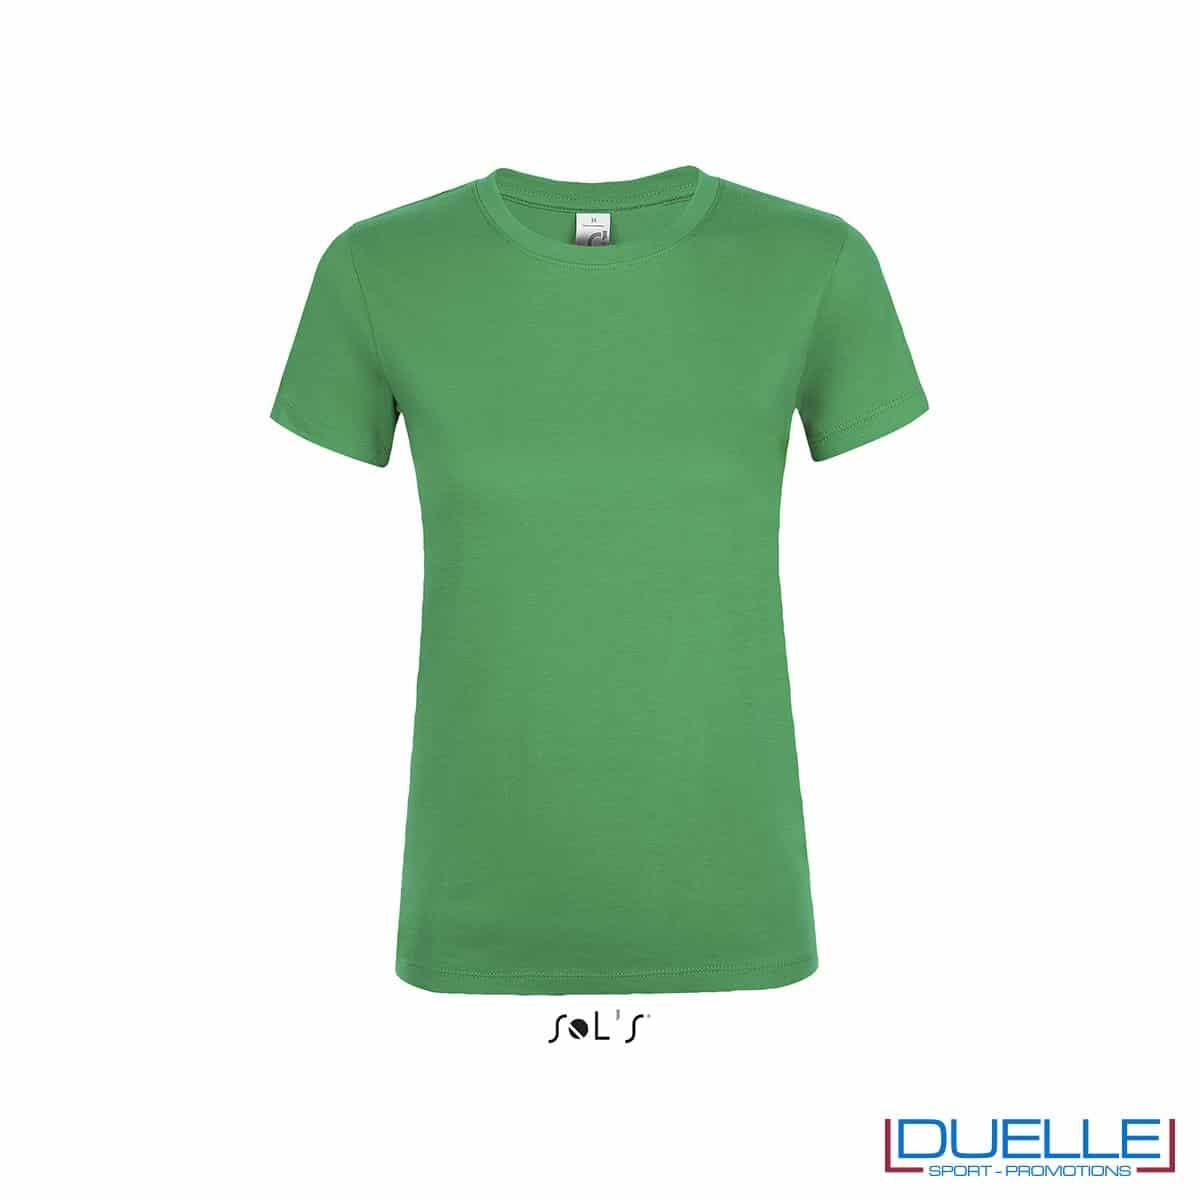 Tshirt donna personalizzata colore verde prato